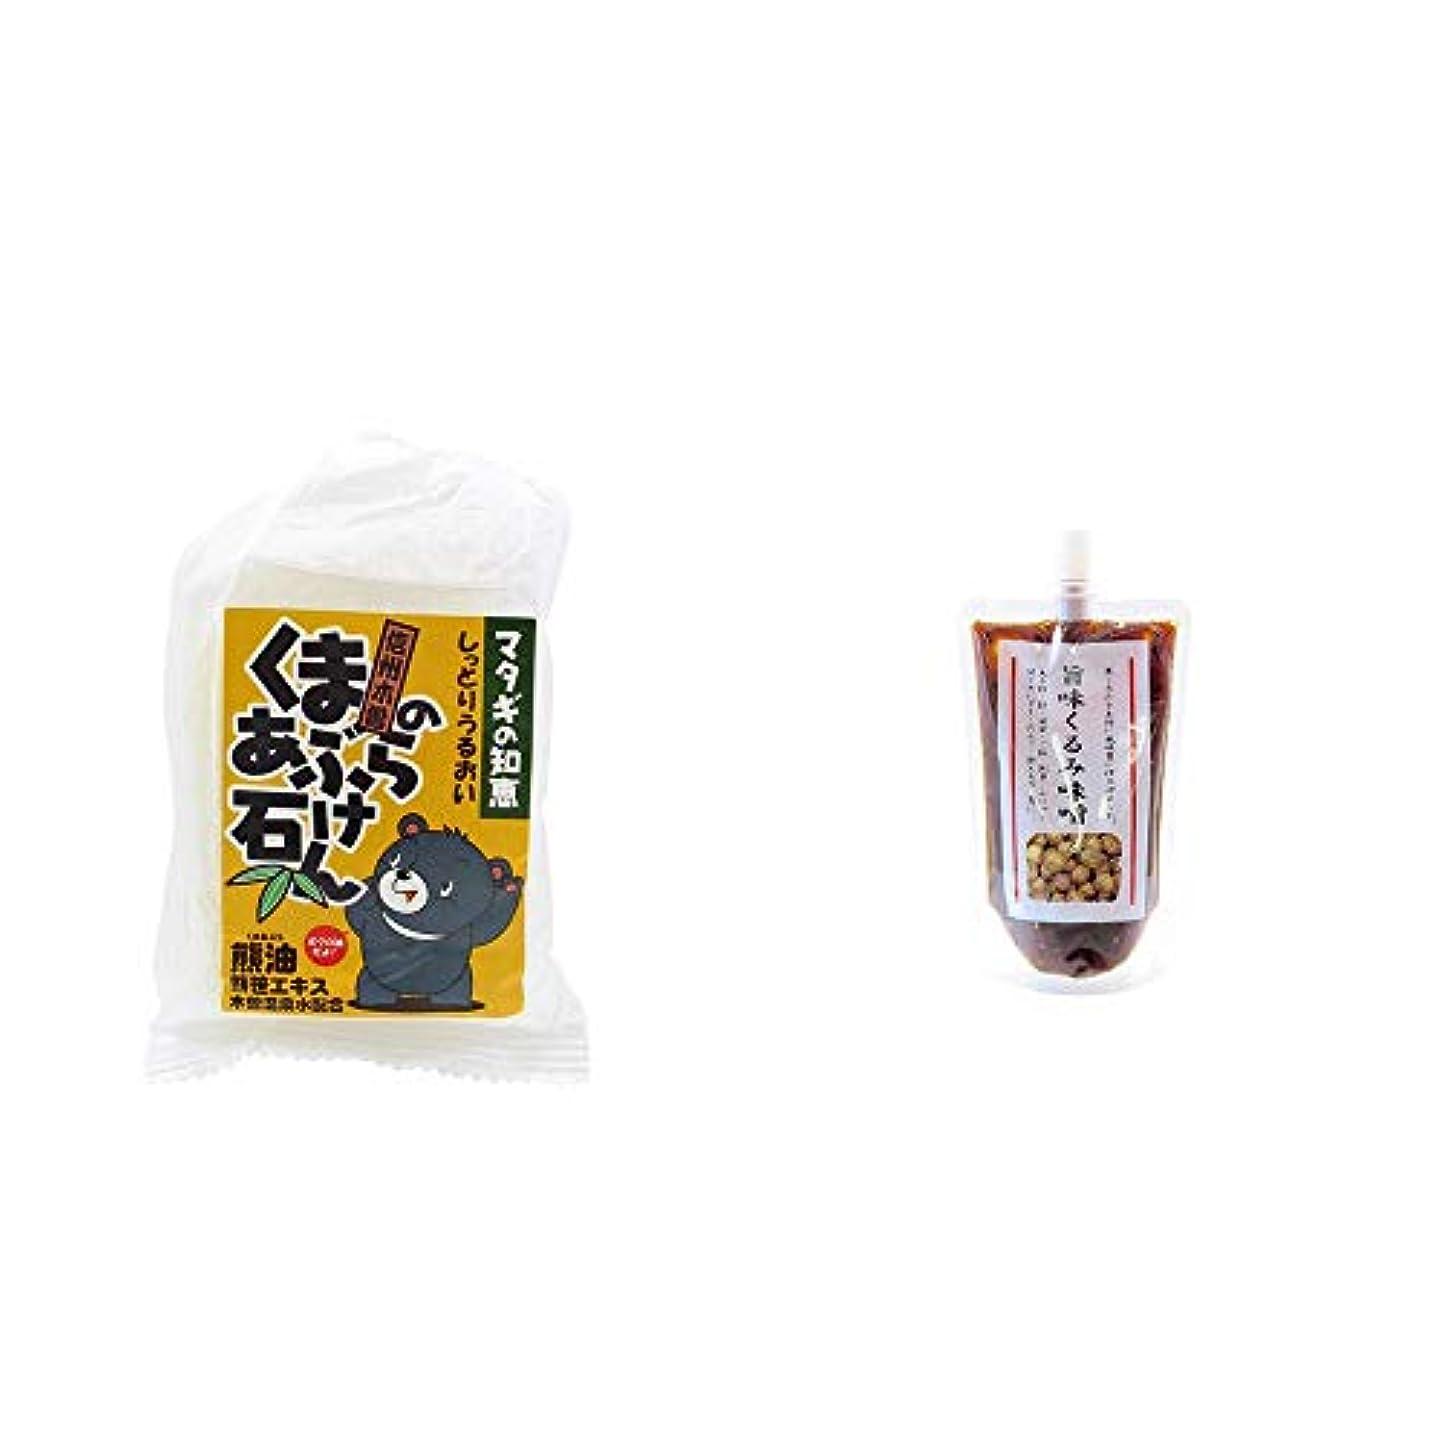 カップルそれにもかかわらず解明する[2点セット] 信州木曽 くまのあぶら石けん(80g)?旨味くるみ味噌(260g)